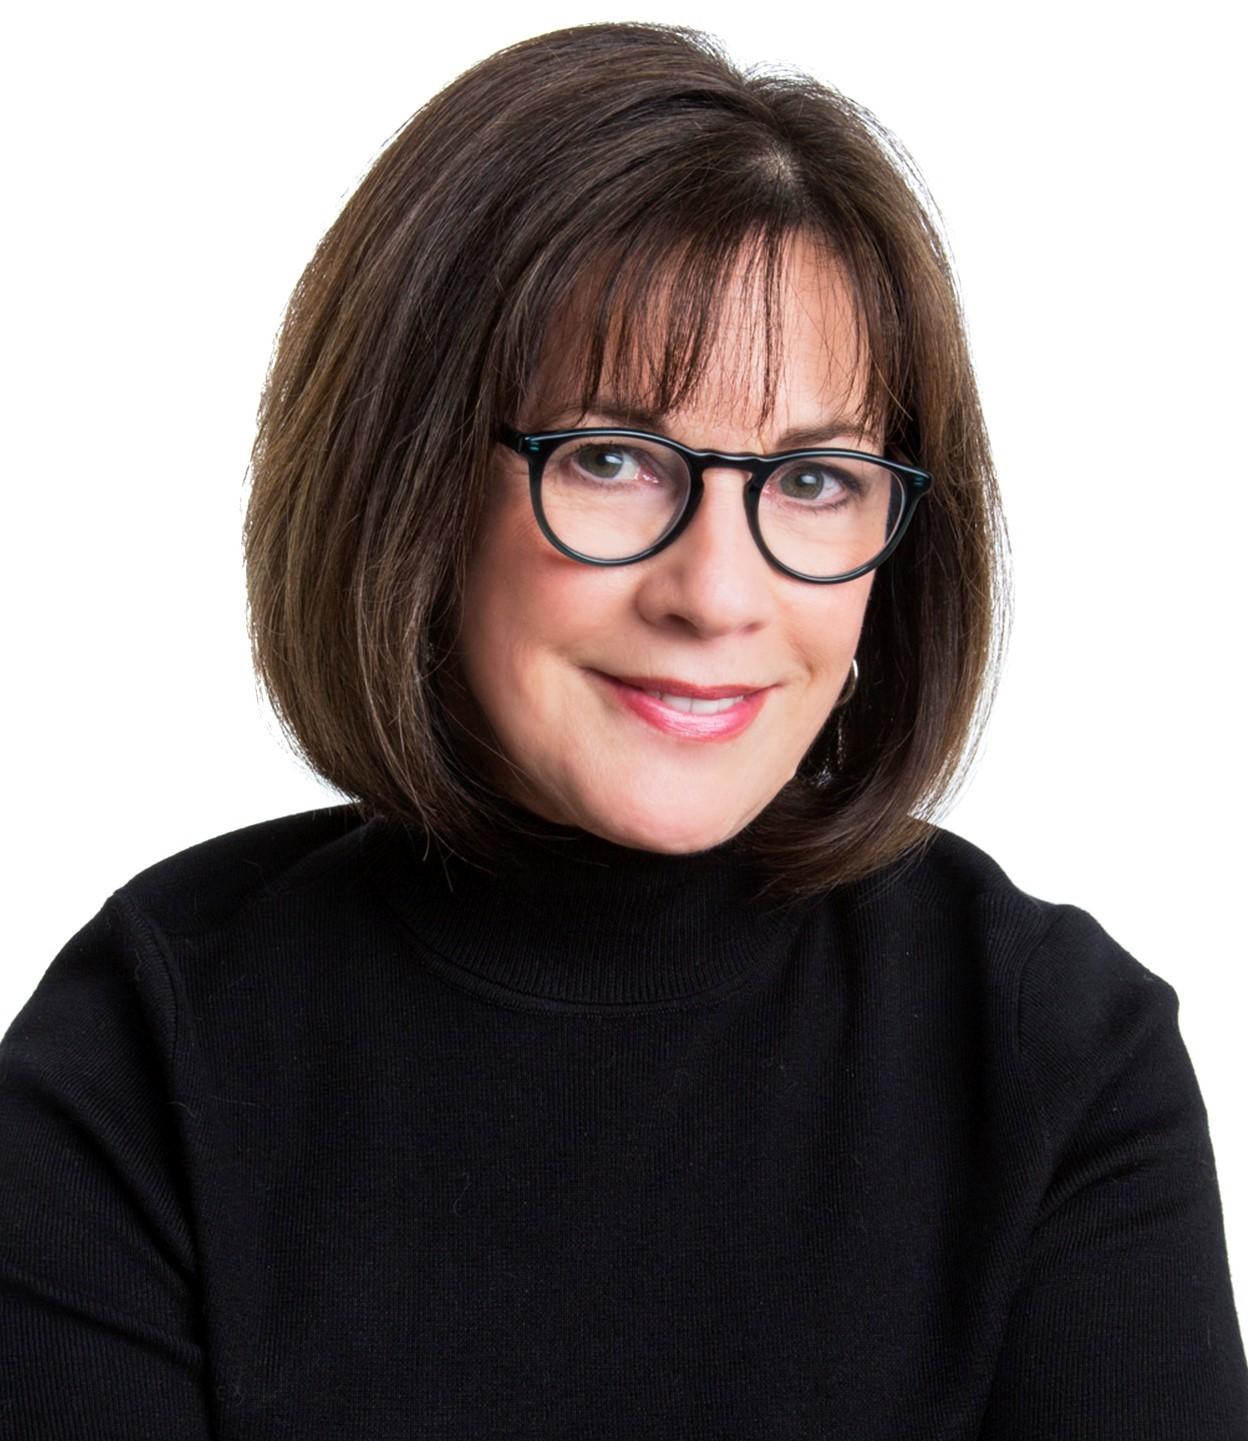 Diane Dimond - Wikipedia